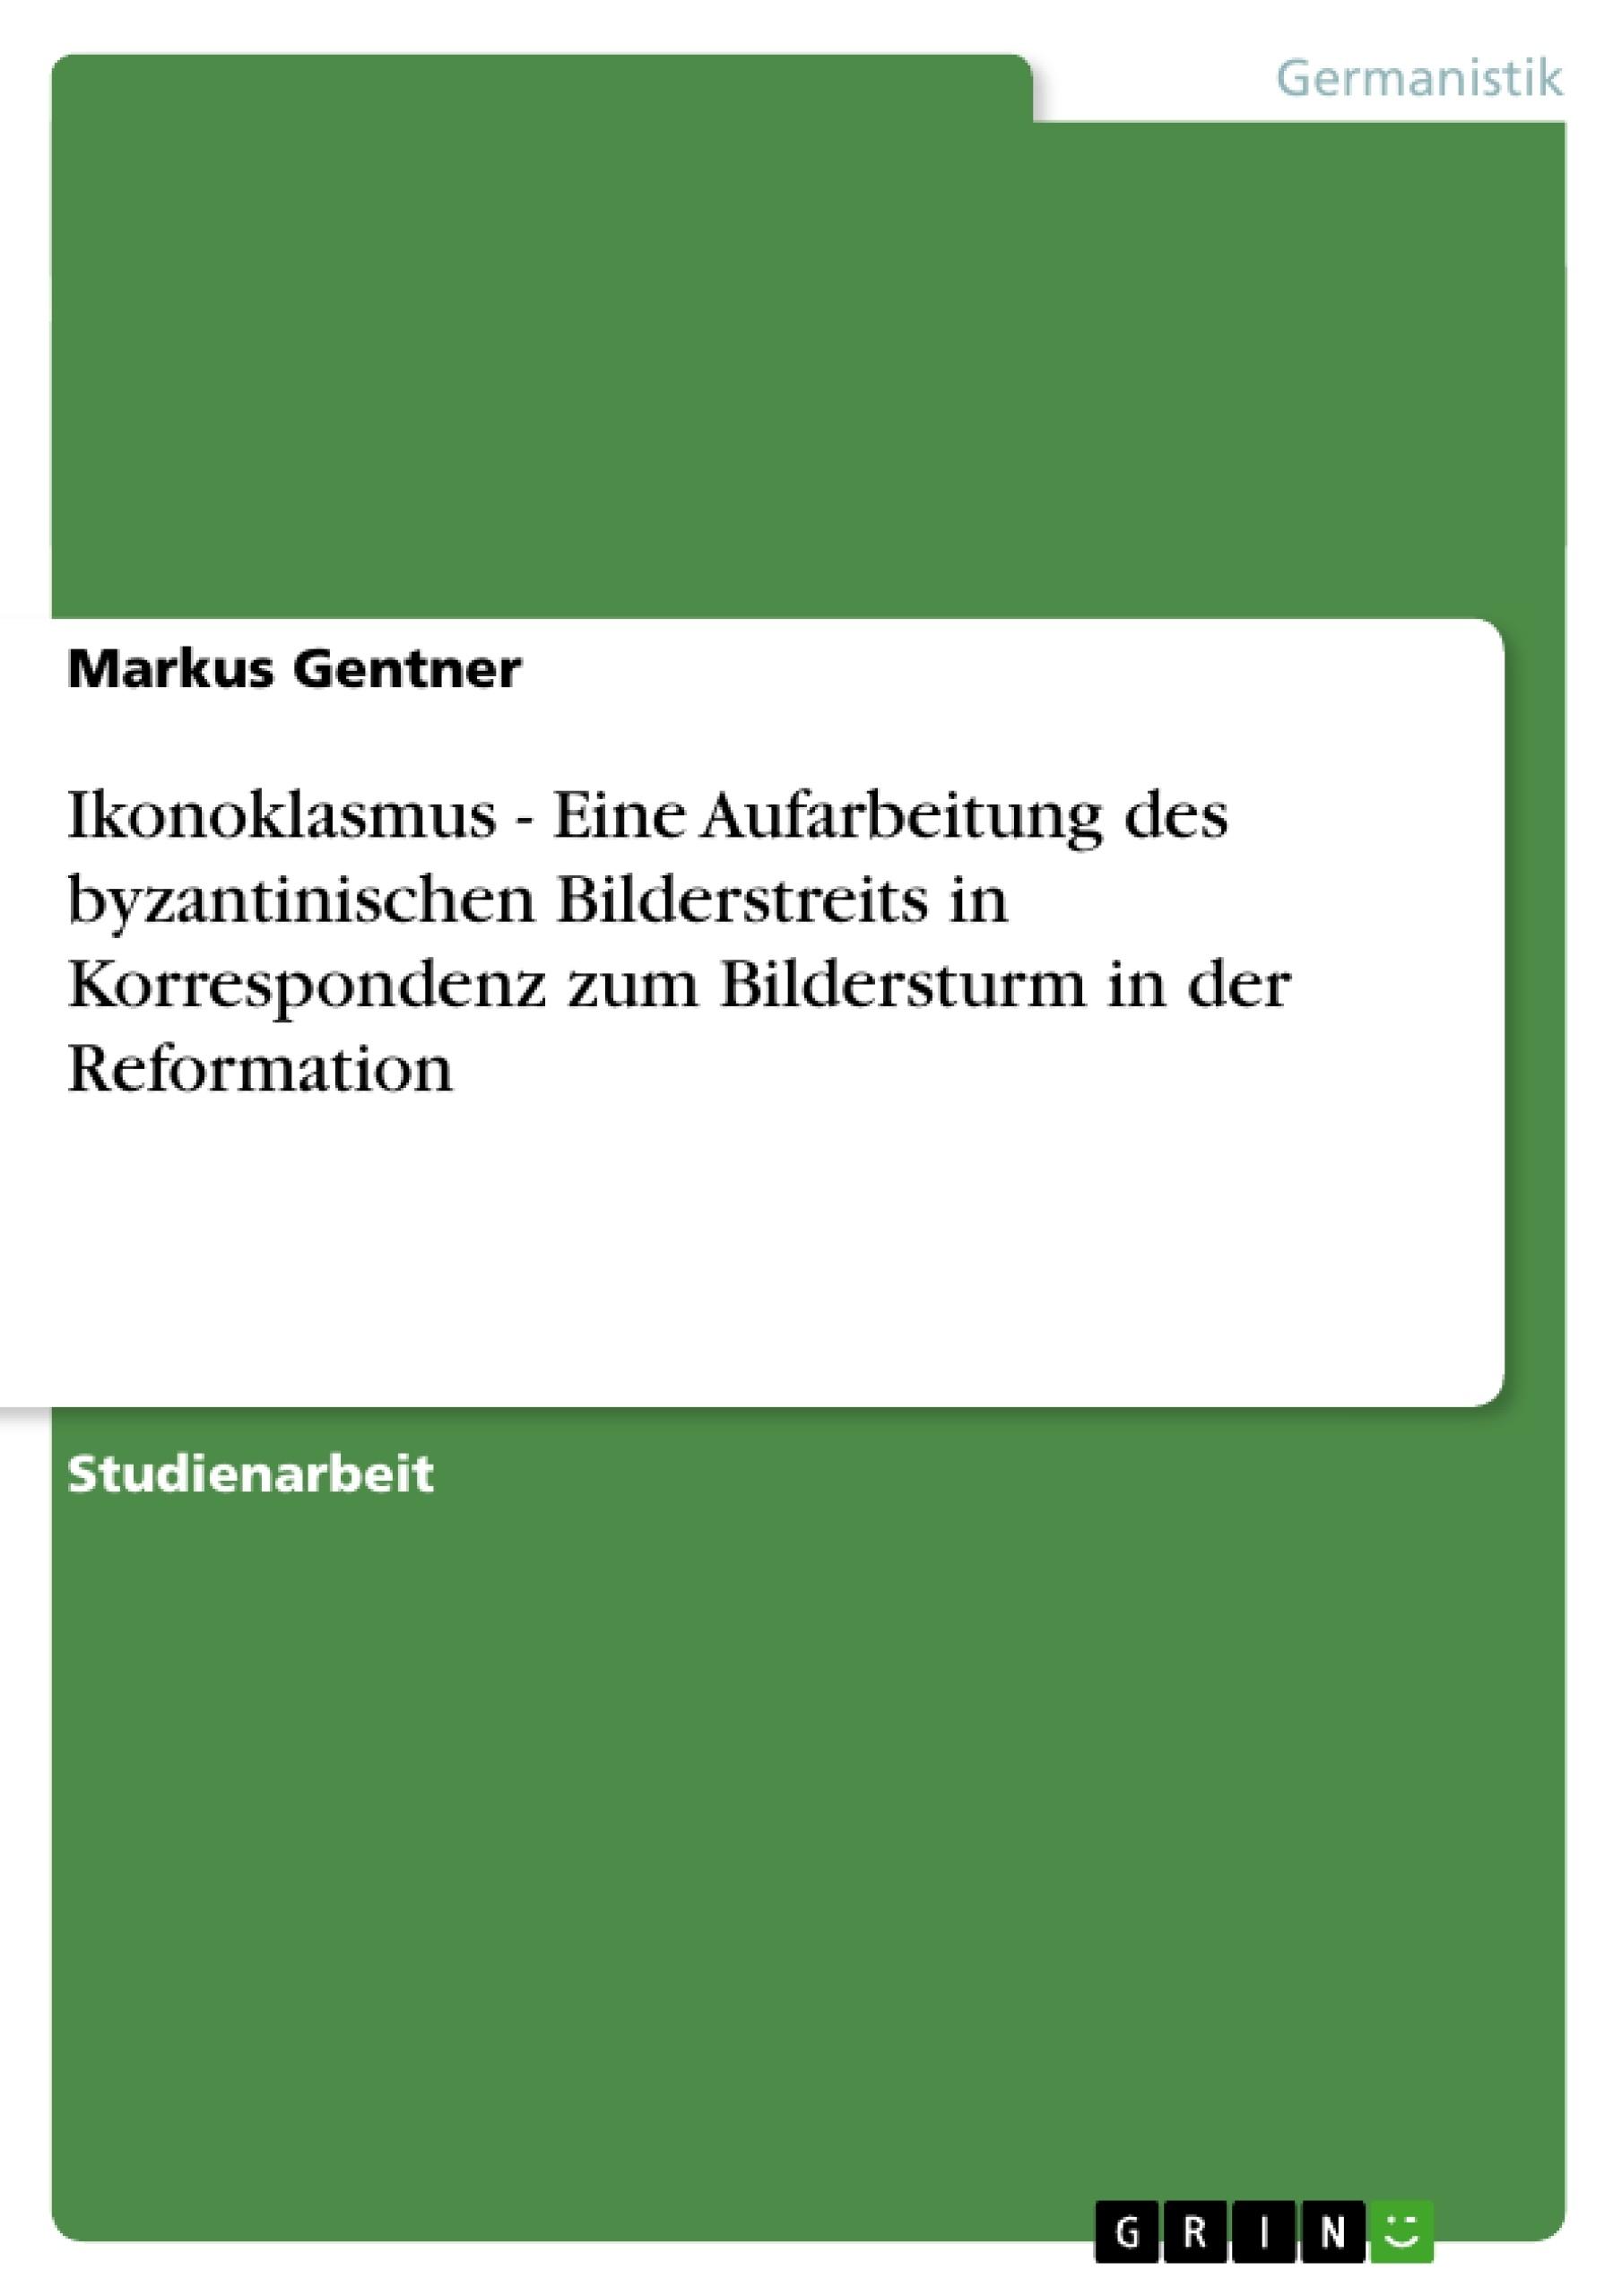 Titel: Ikonoklasmus - Eine Aufarbeitung des byzantinischen Bilderstreits in Korrespondenz zum Bildersturm in der Reformation